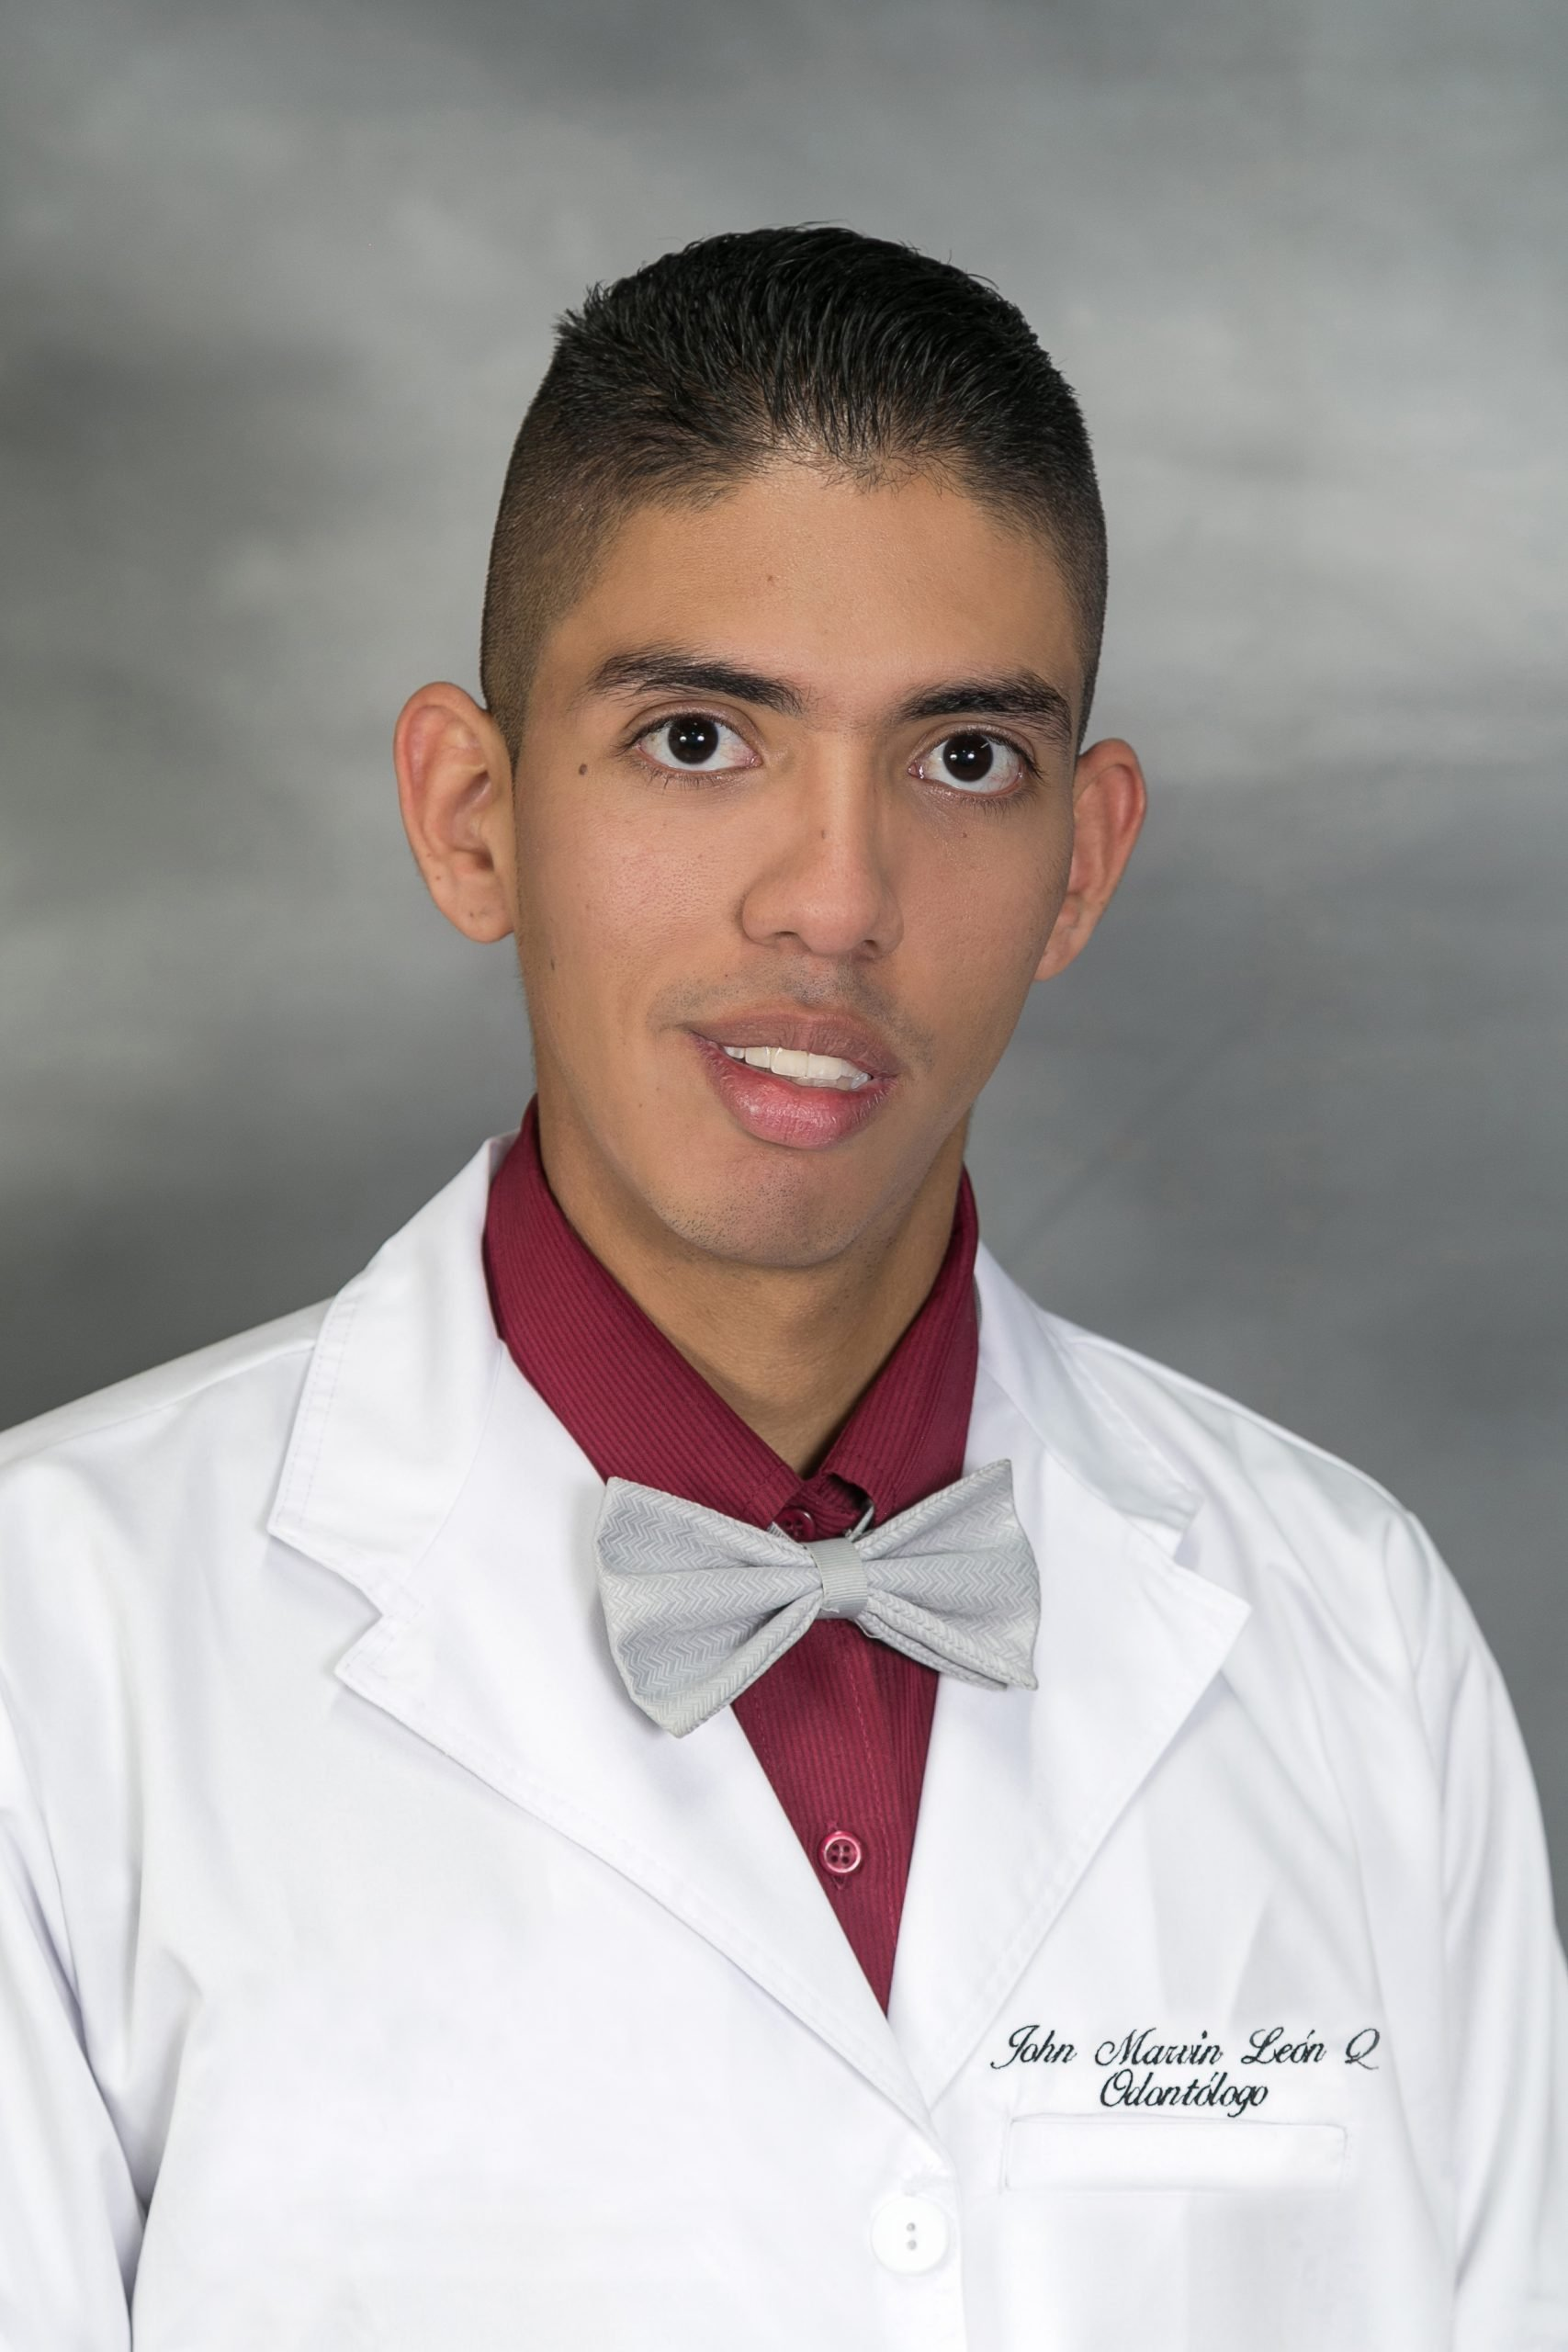 Dr. John Marvin León Quenguan